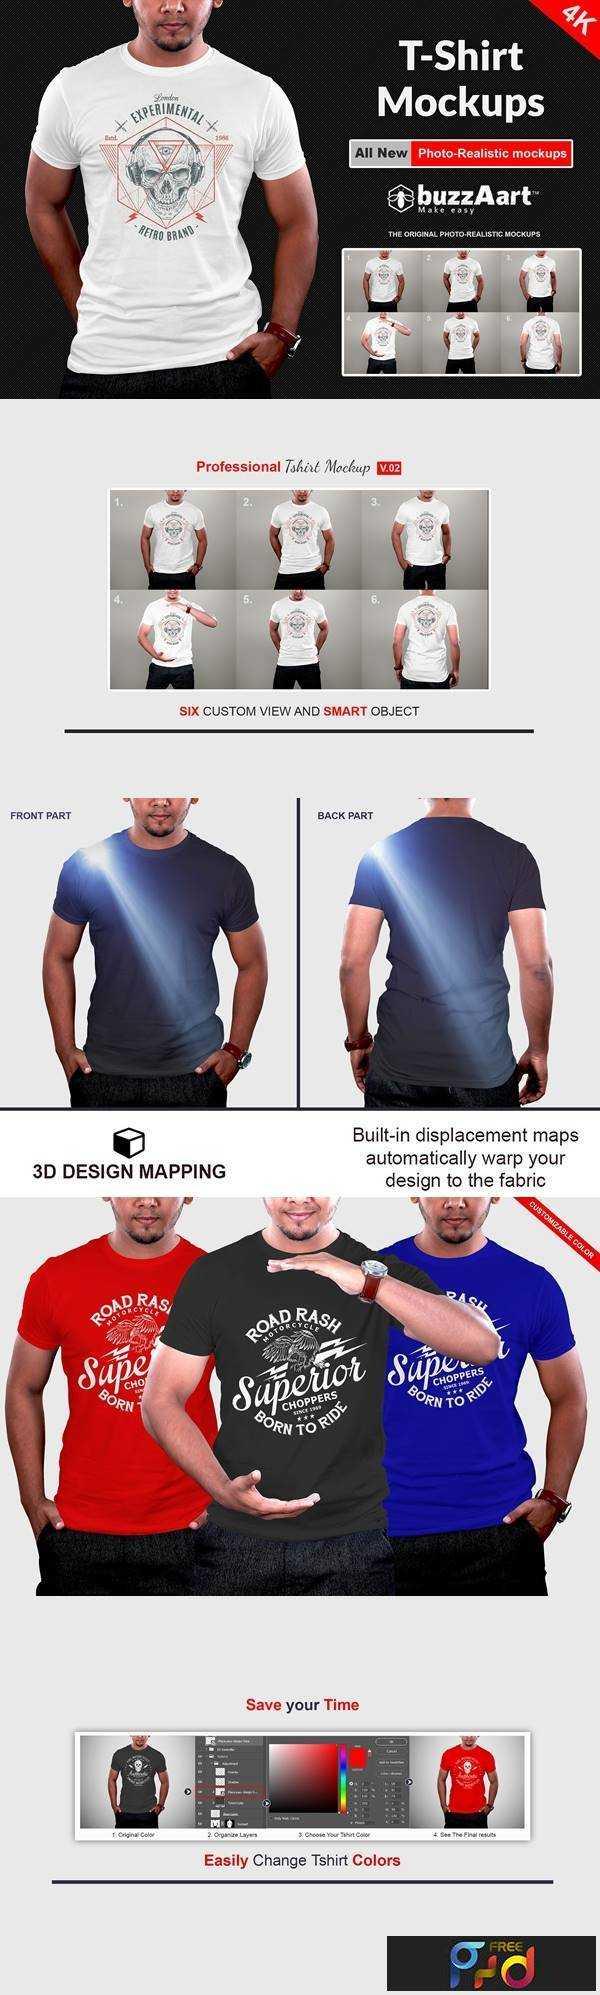 1806046 Professional Tshirt Mockups V.02 2498152 1